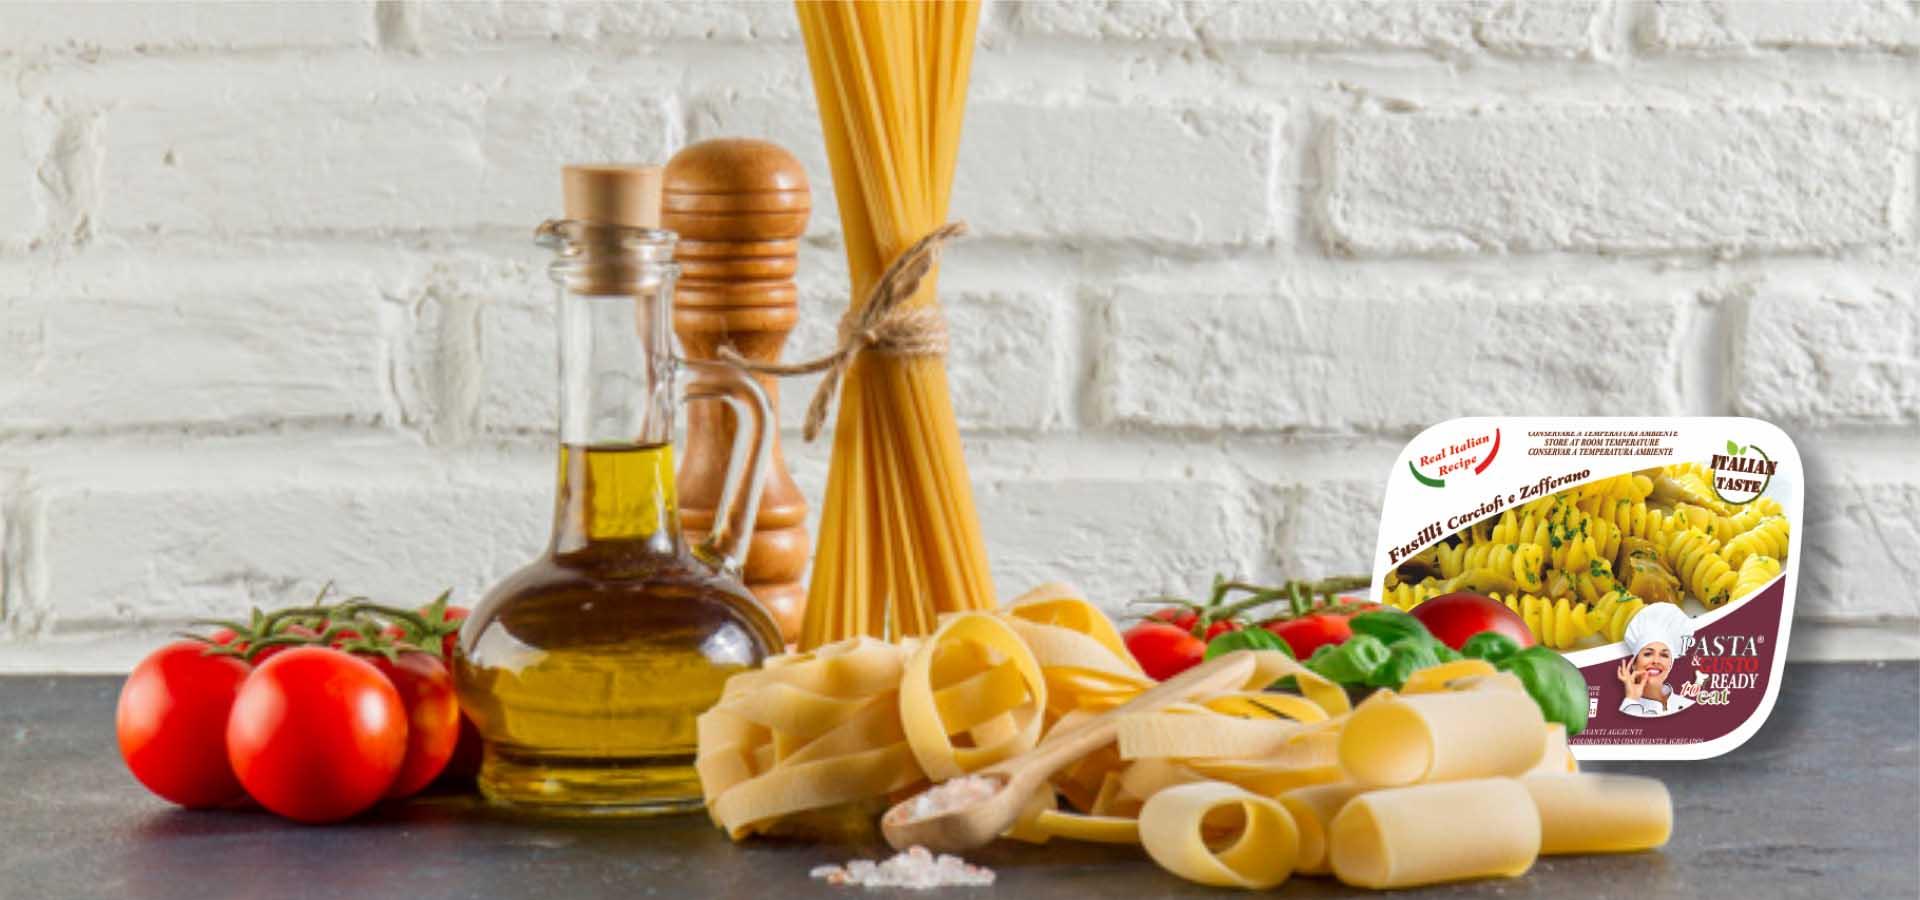 Piatti Pronti Fuori Frigo su Tavolo Pasta Ready to Eat